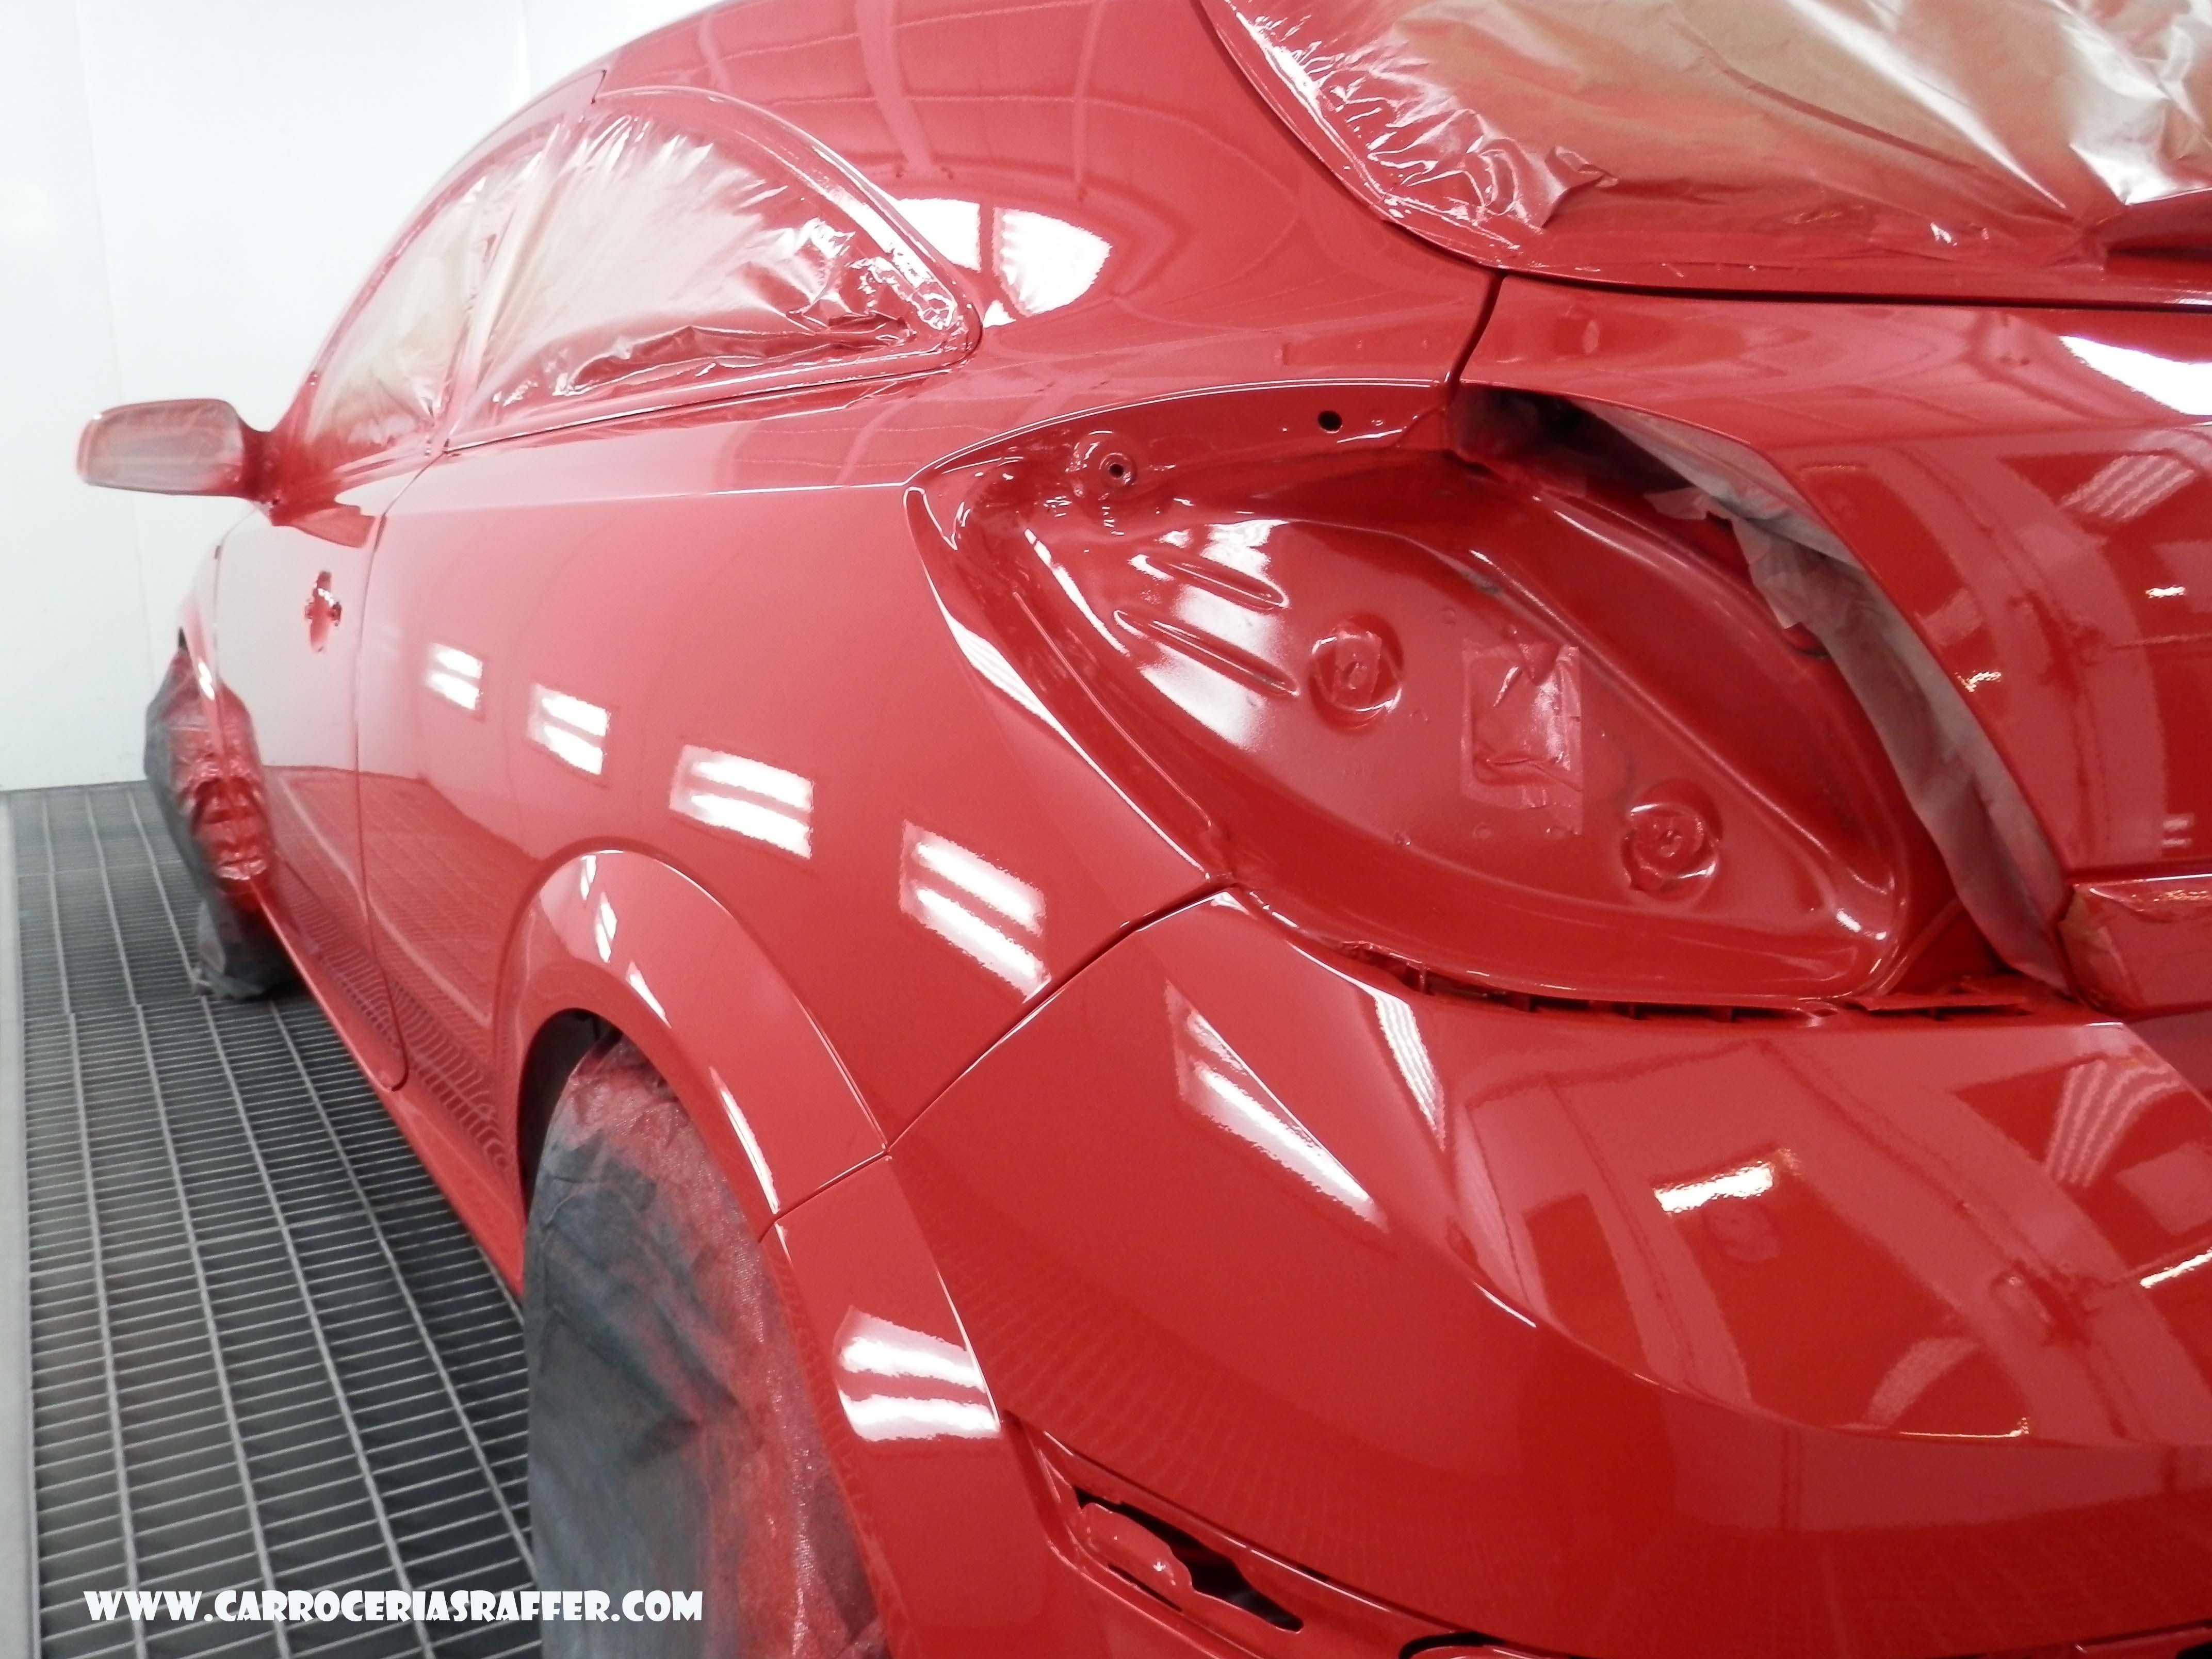 carrocerias raffer pintar coche entero opel astra